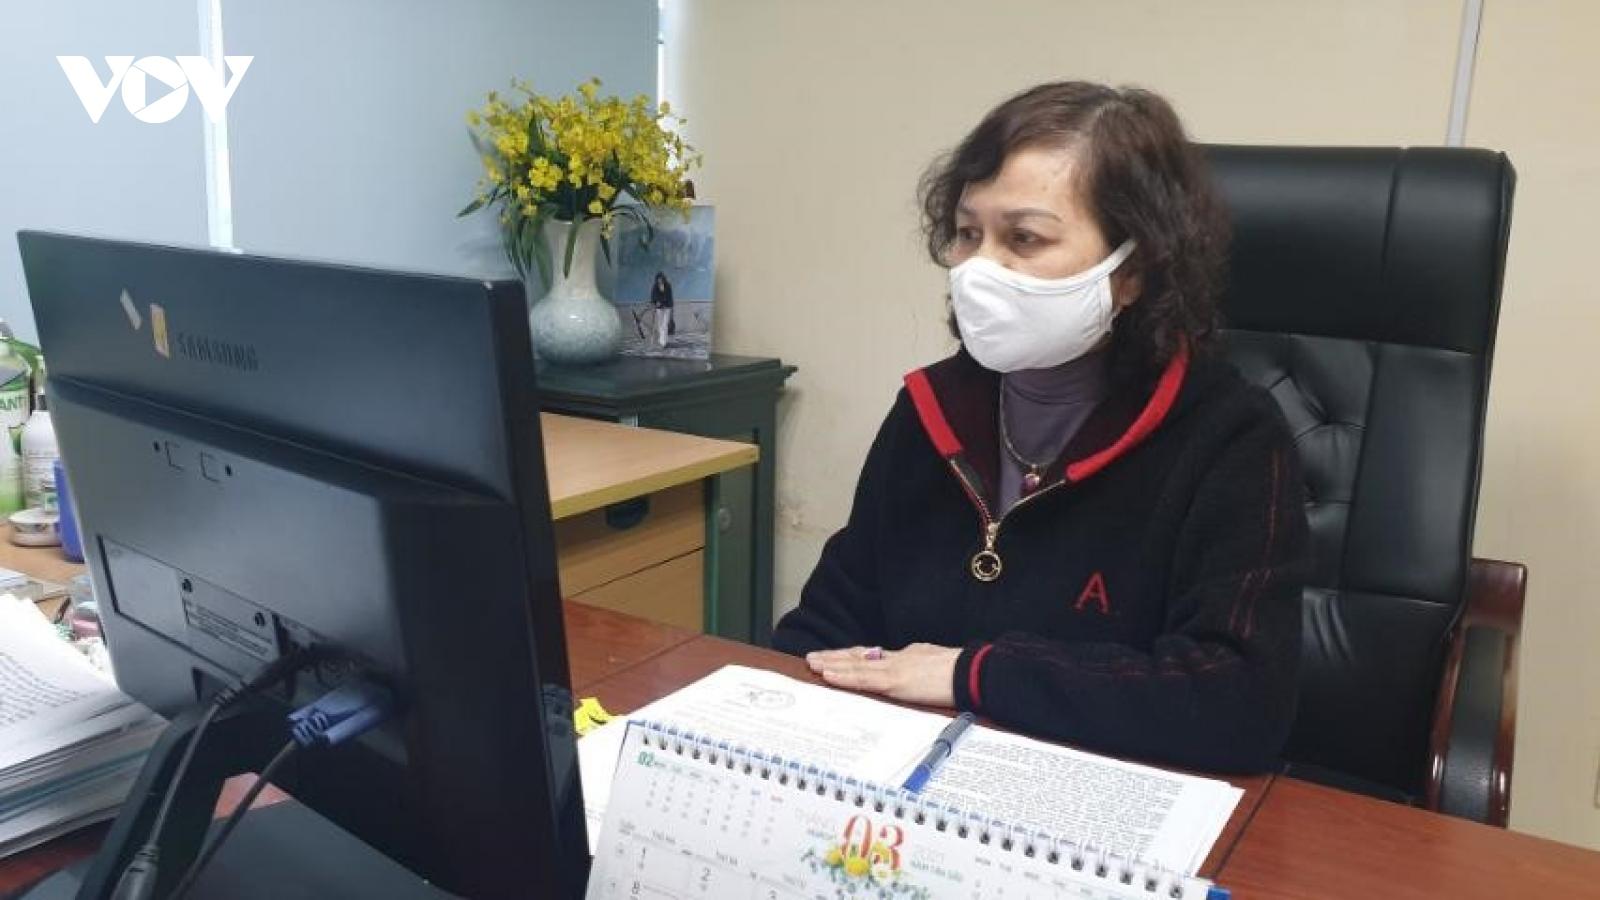 Nữ thầy thuốc ưu tú tận tuỵ với nghề